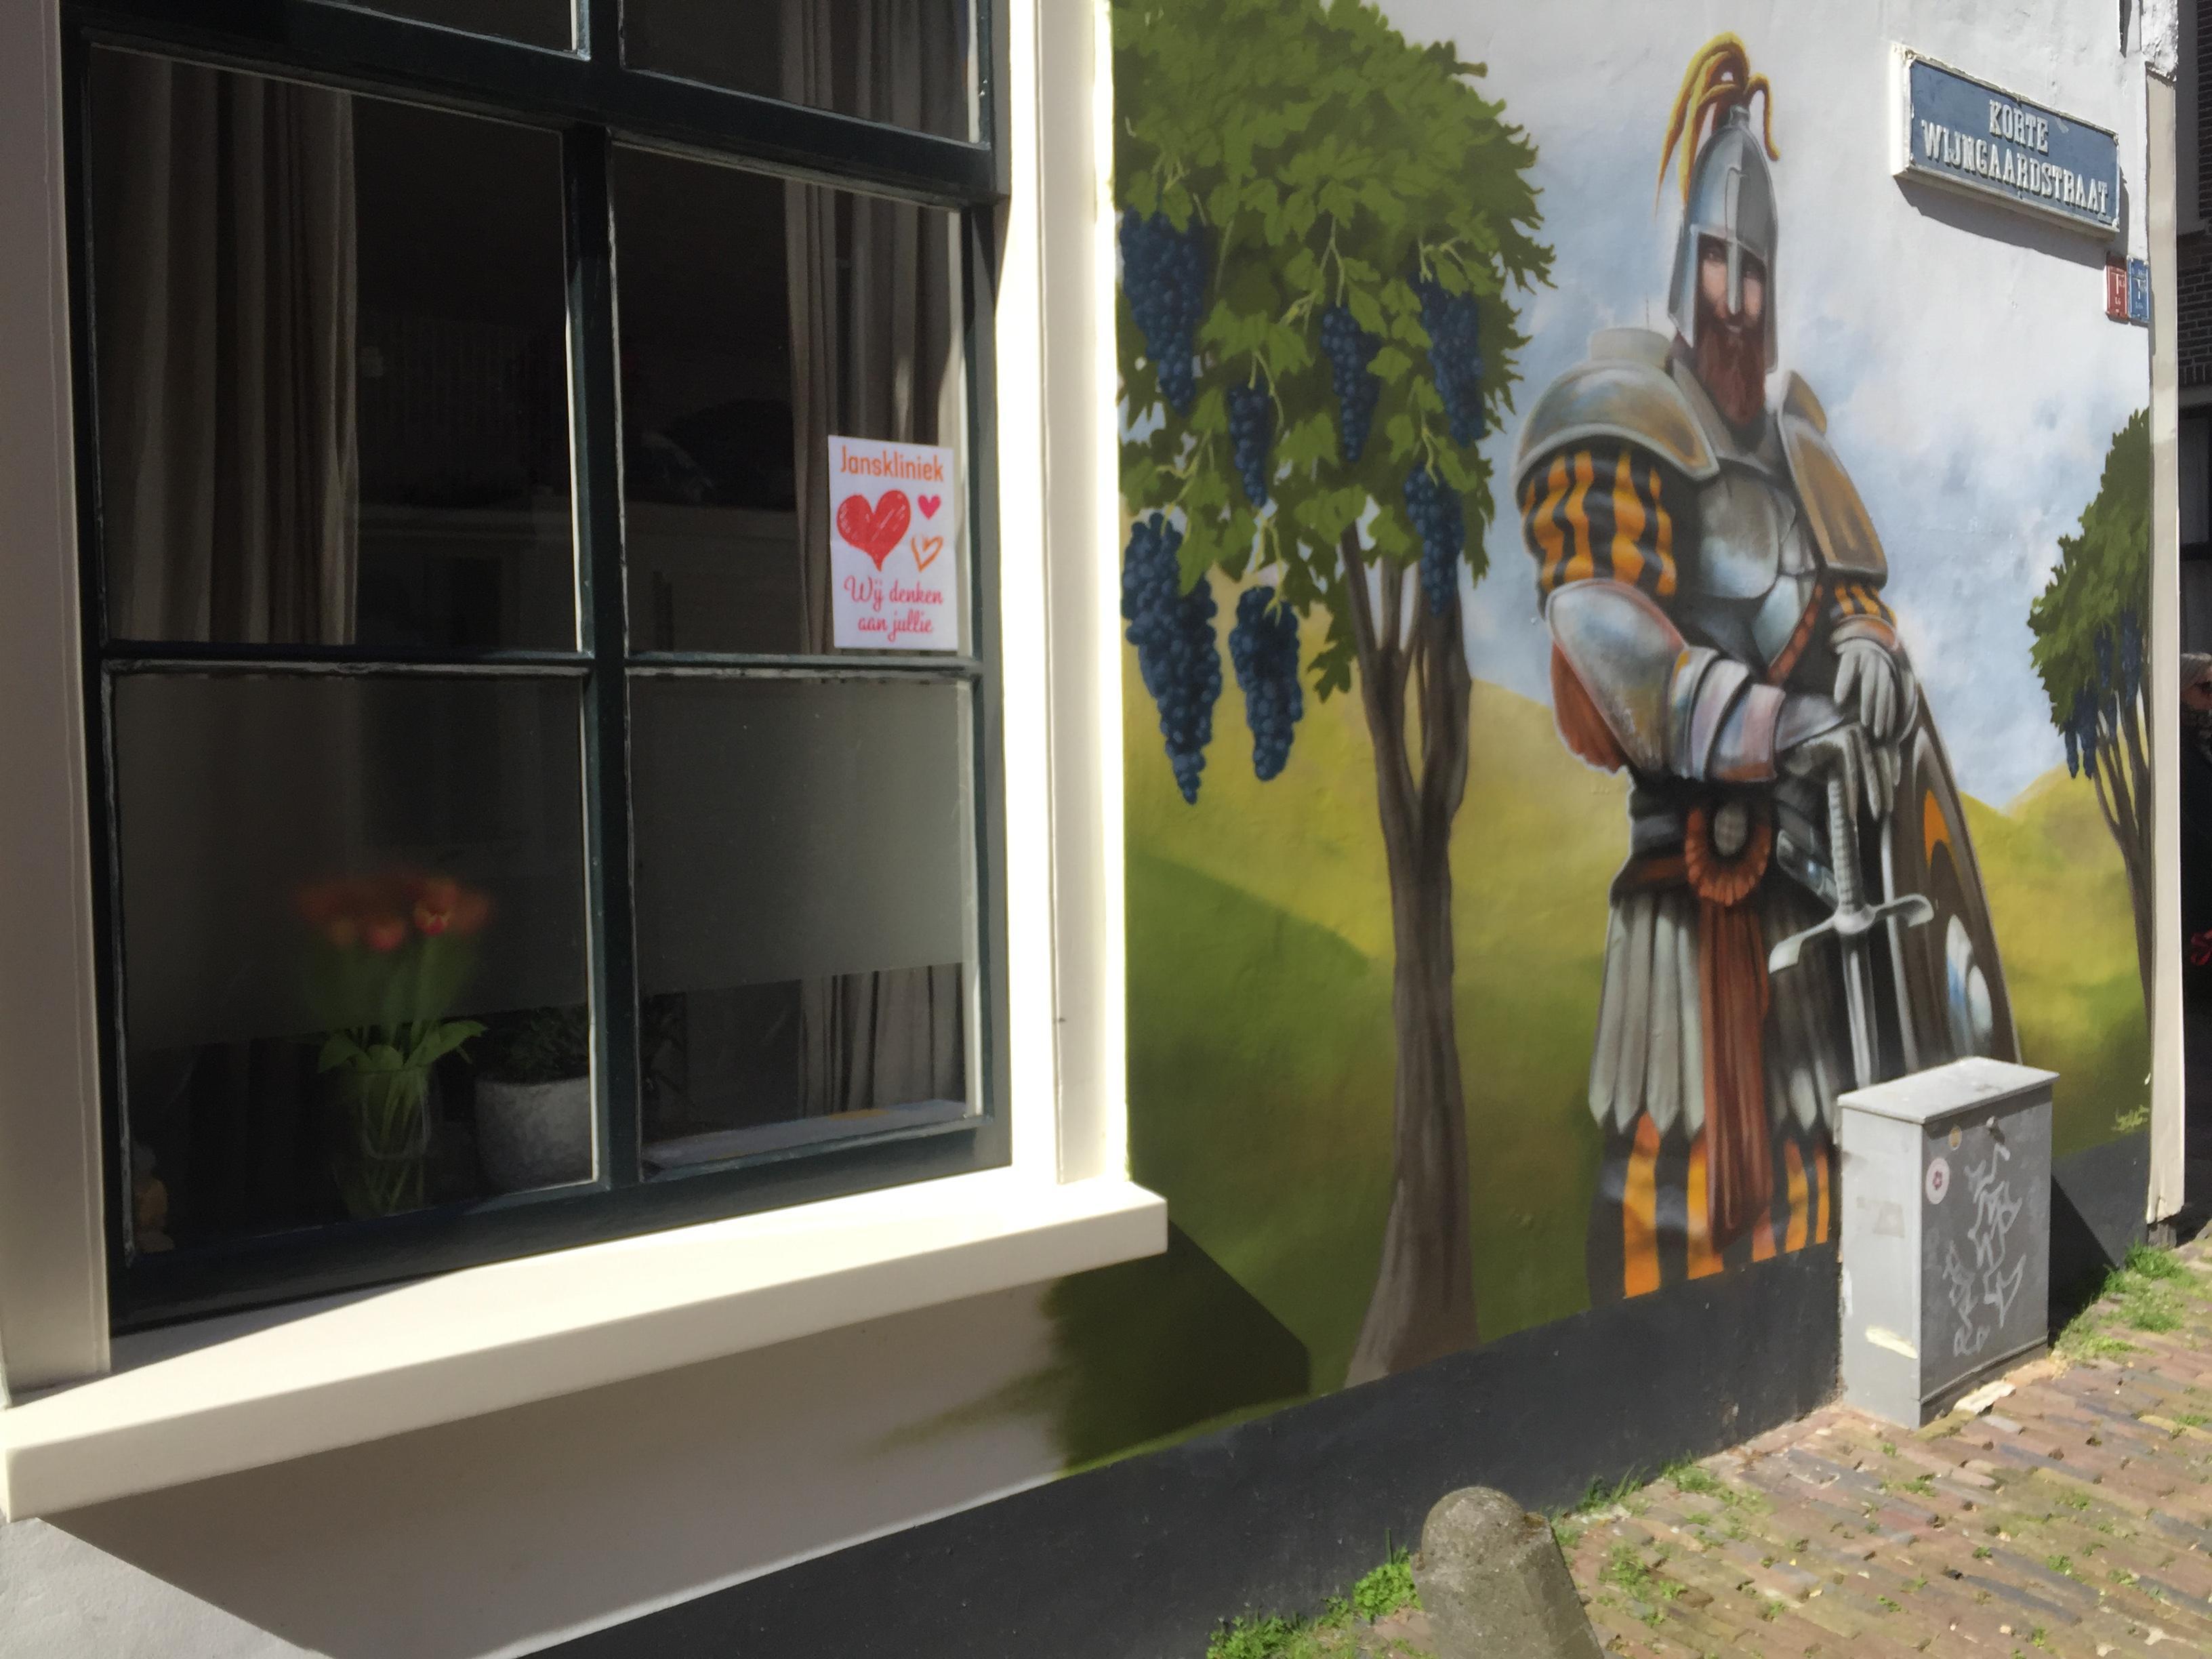 Hart onder de riem voor Haarlemse Janskliniek van buren